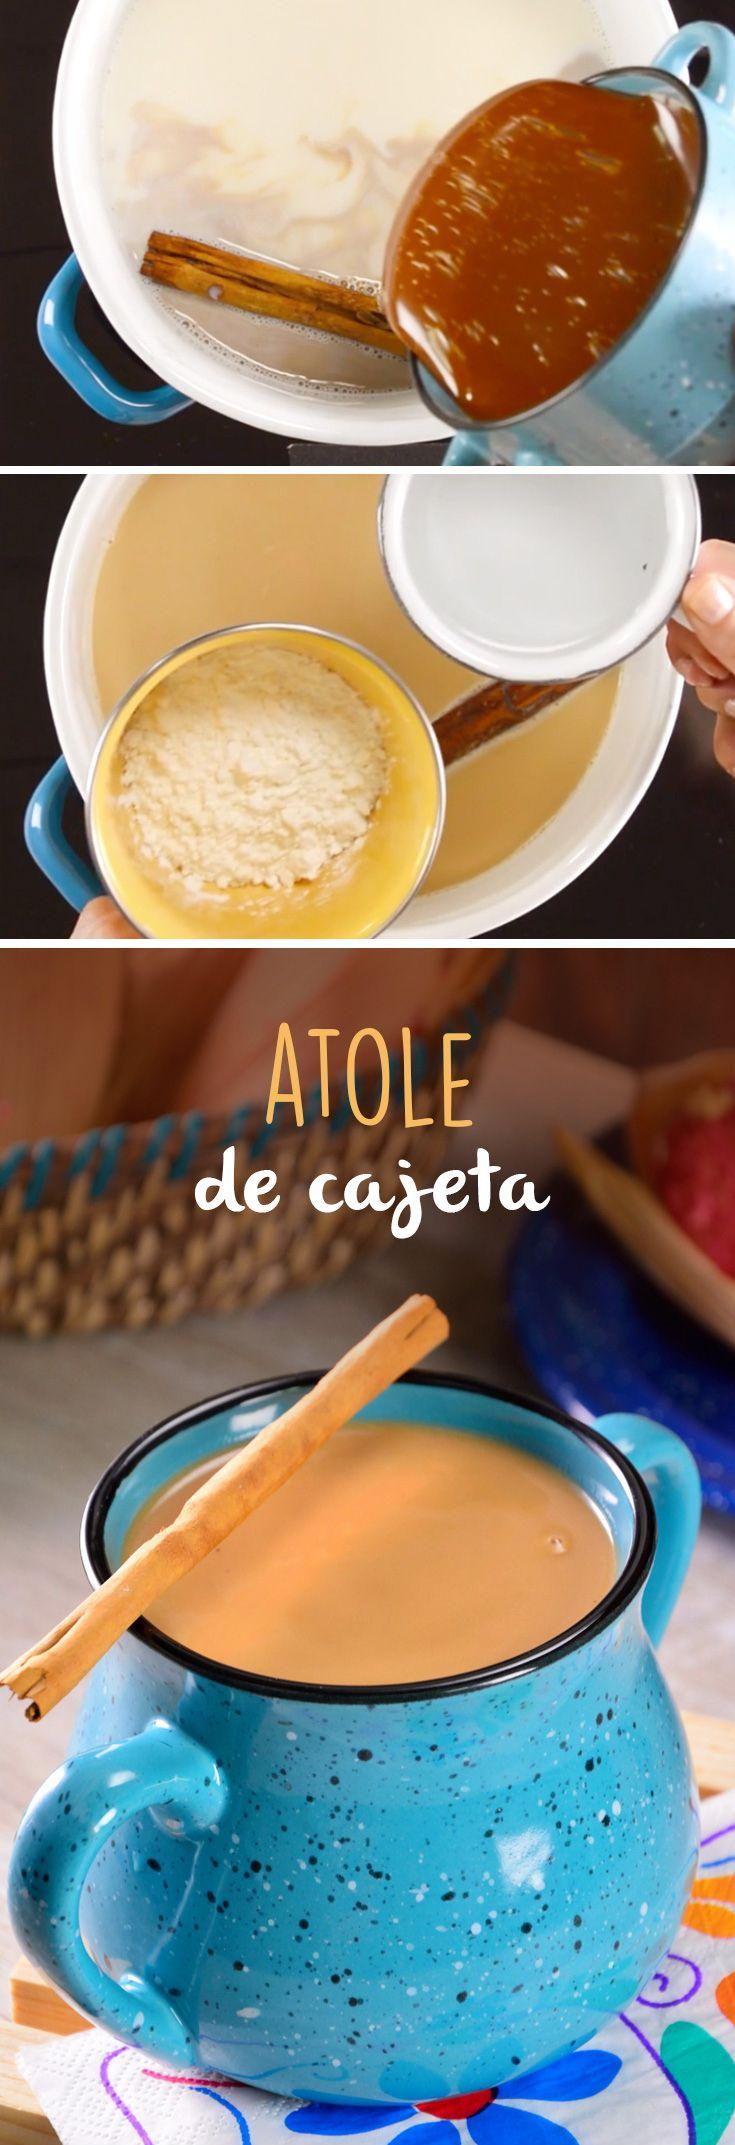 Esta receta de atole de cajeta hecho de masa de maíz es completamente deliciosa. Acompaña este atole mexicano con unos ricos churros de chocolate o tu postre favorito.